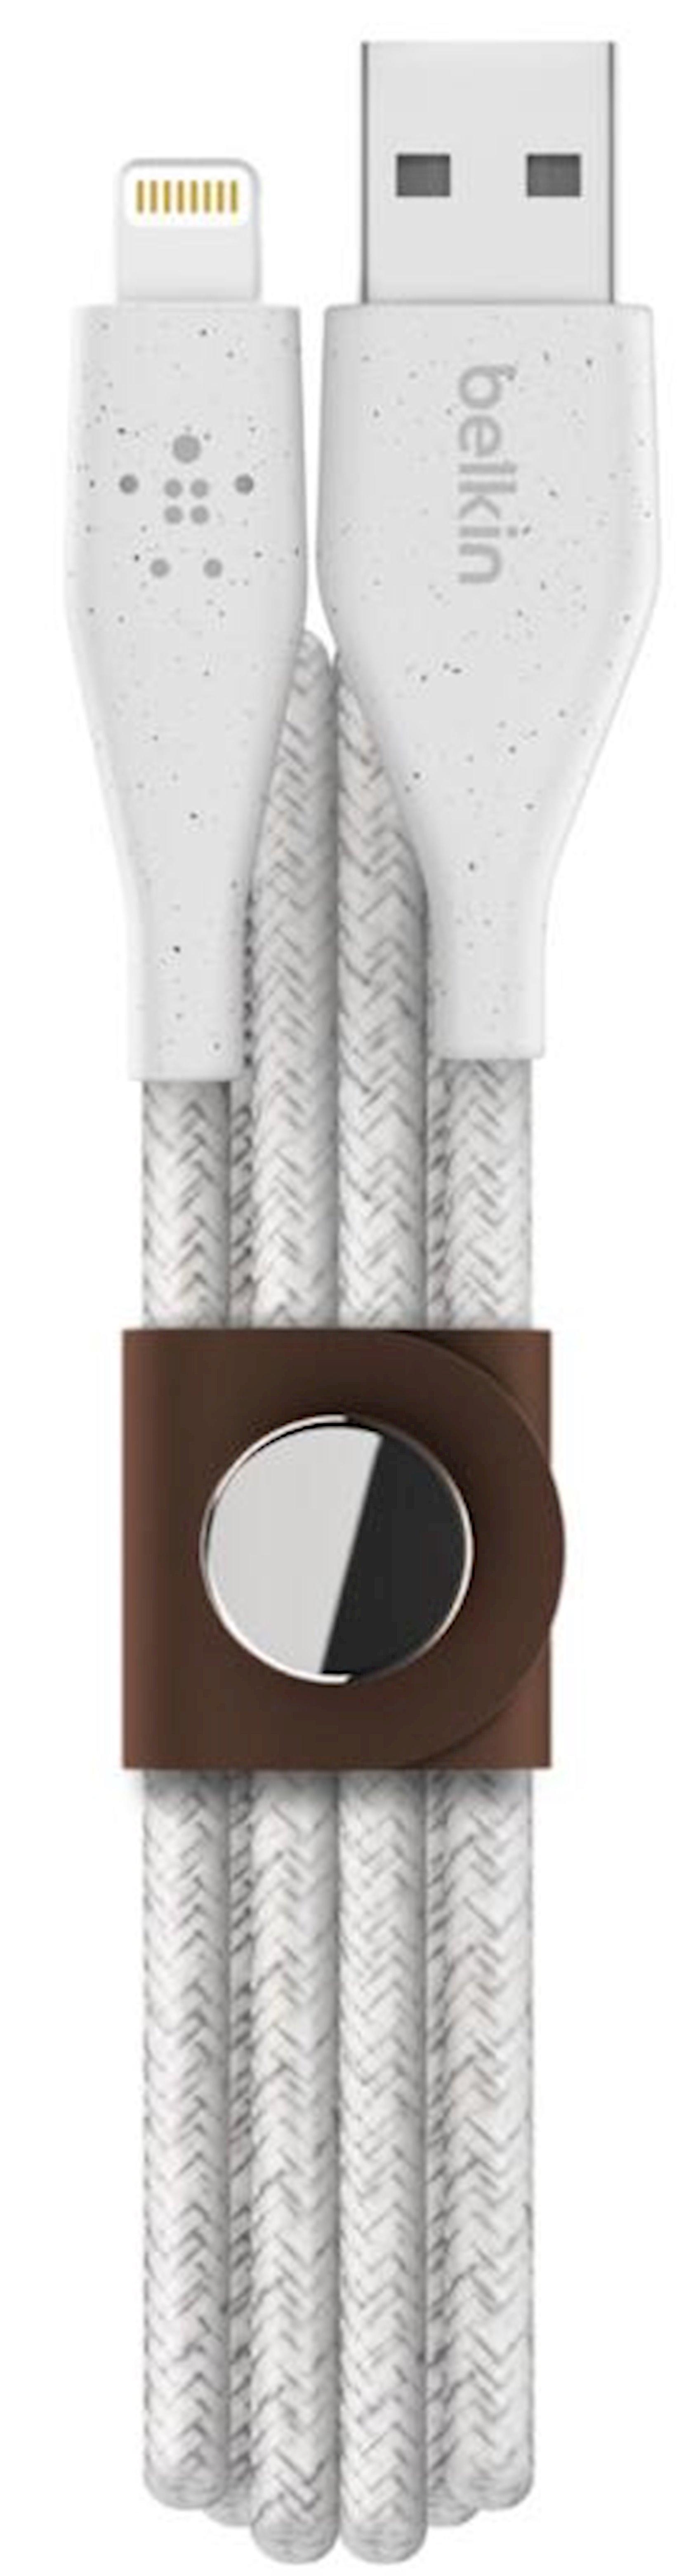 Kabel USB Belkin Lightning DuraTek Plus 1.2m White